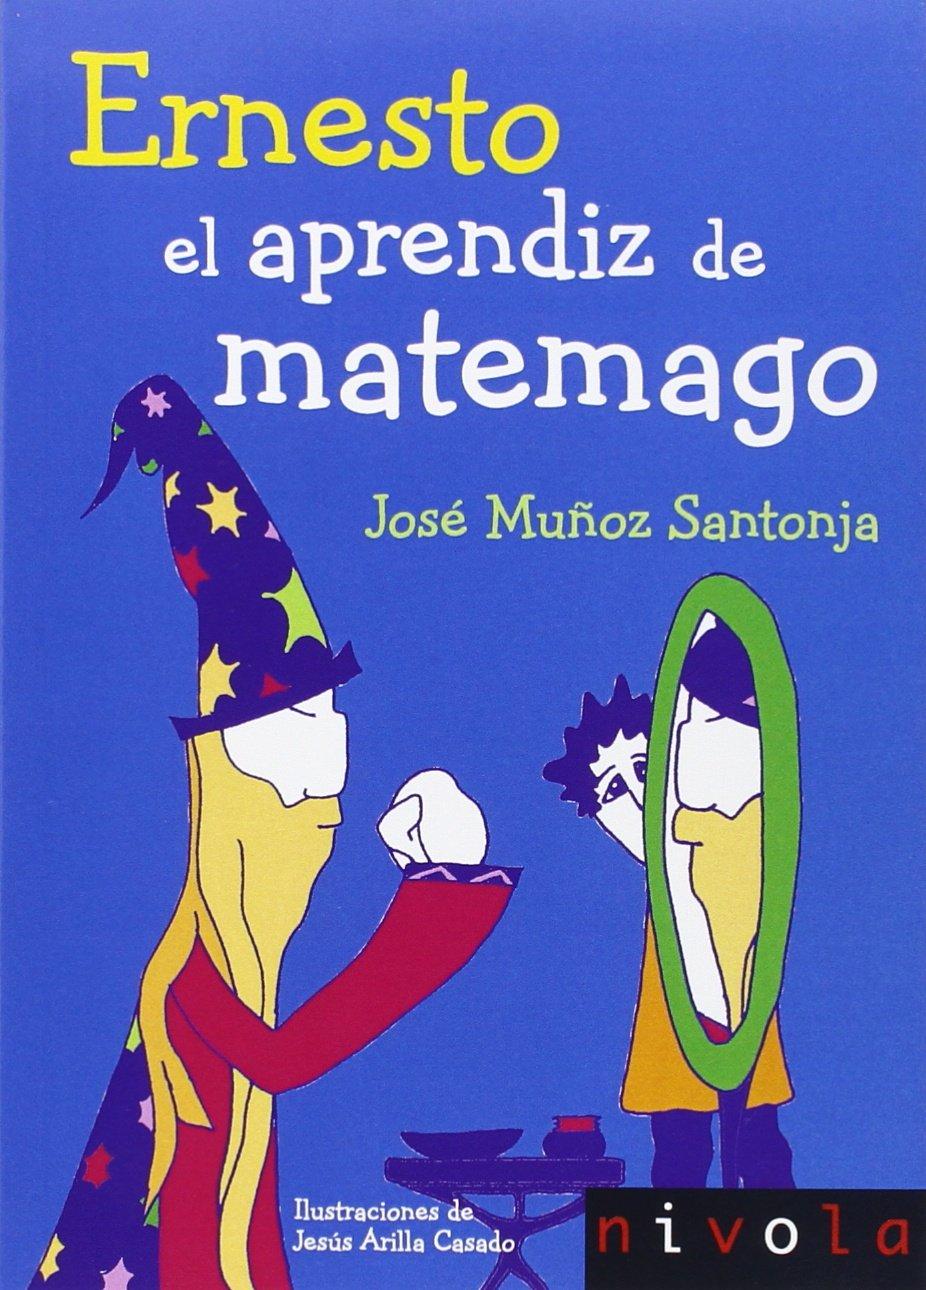 Ernesto, el aprendiz de matemago: José Muñoz Santonja ...